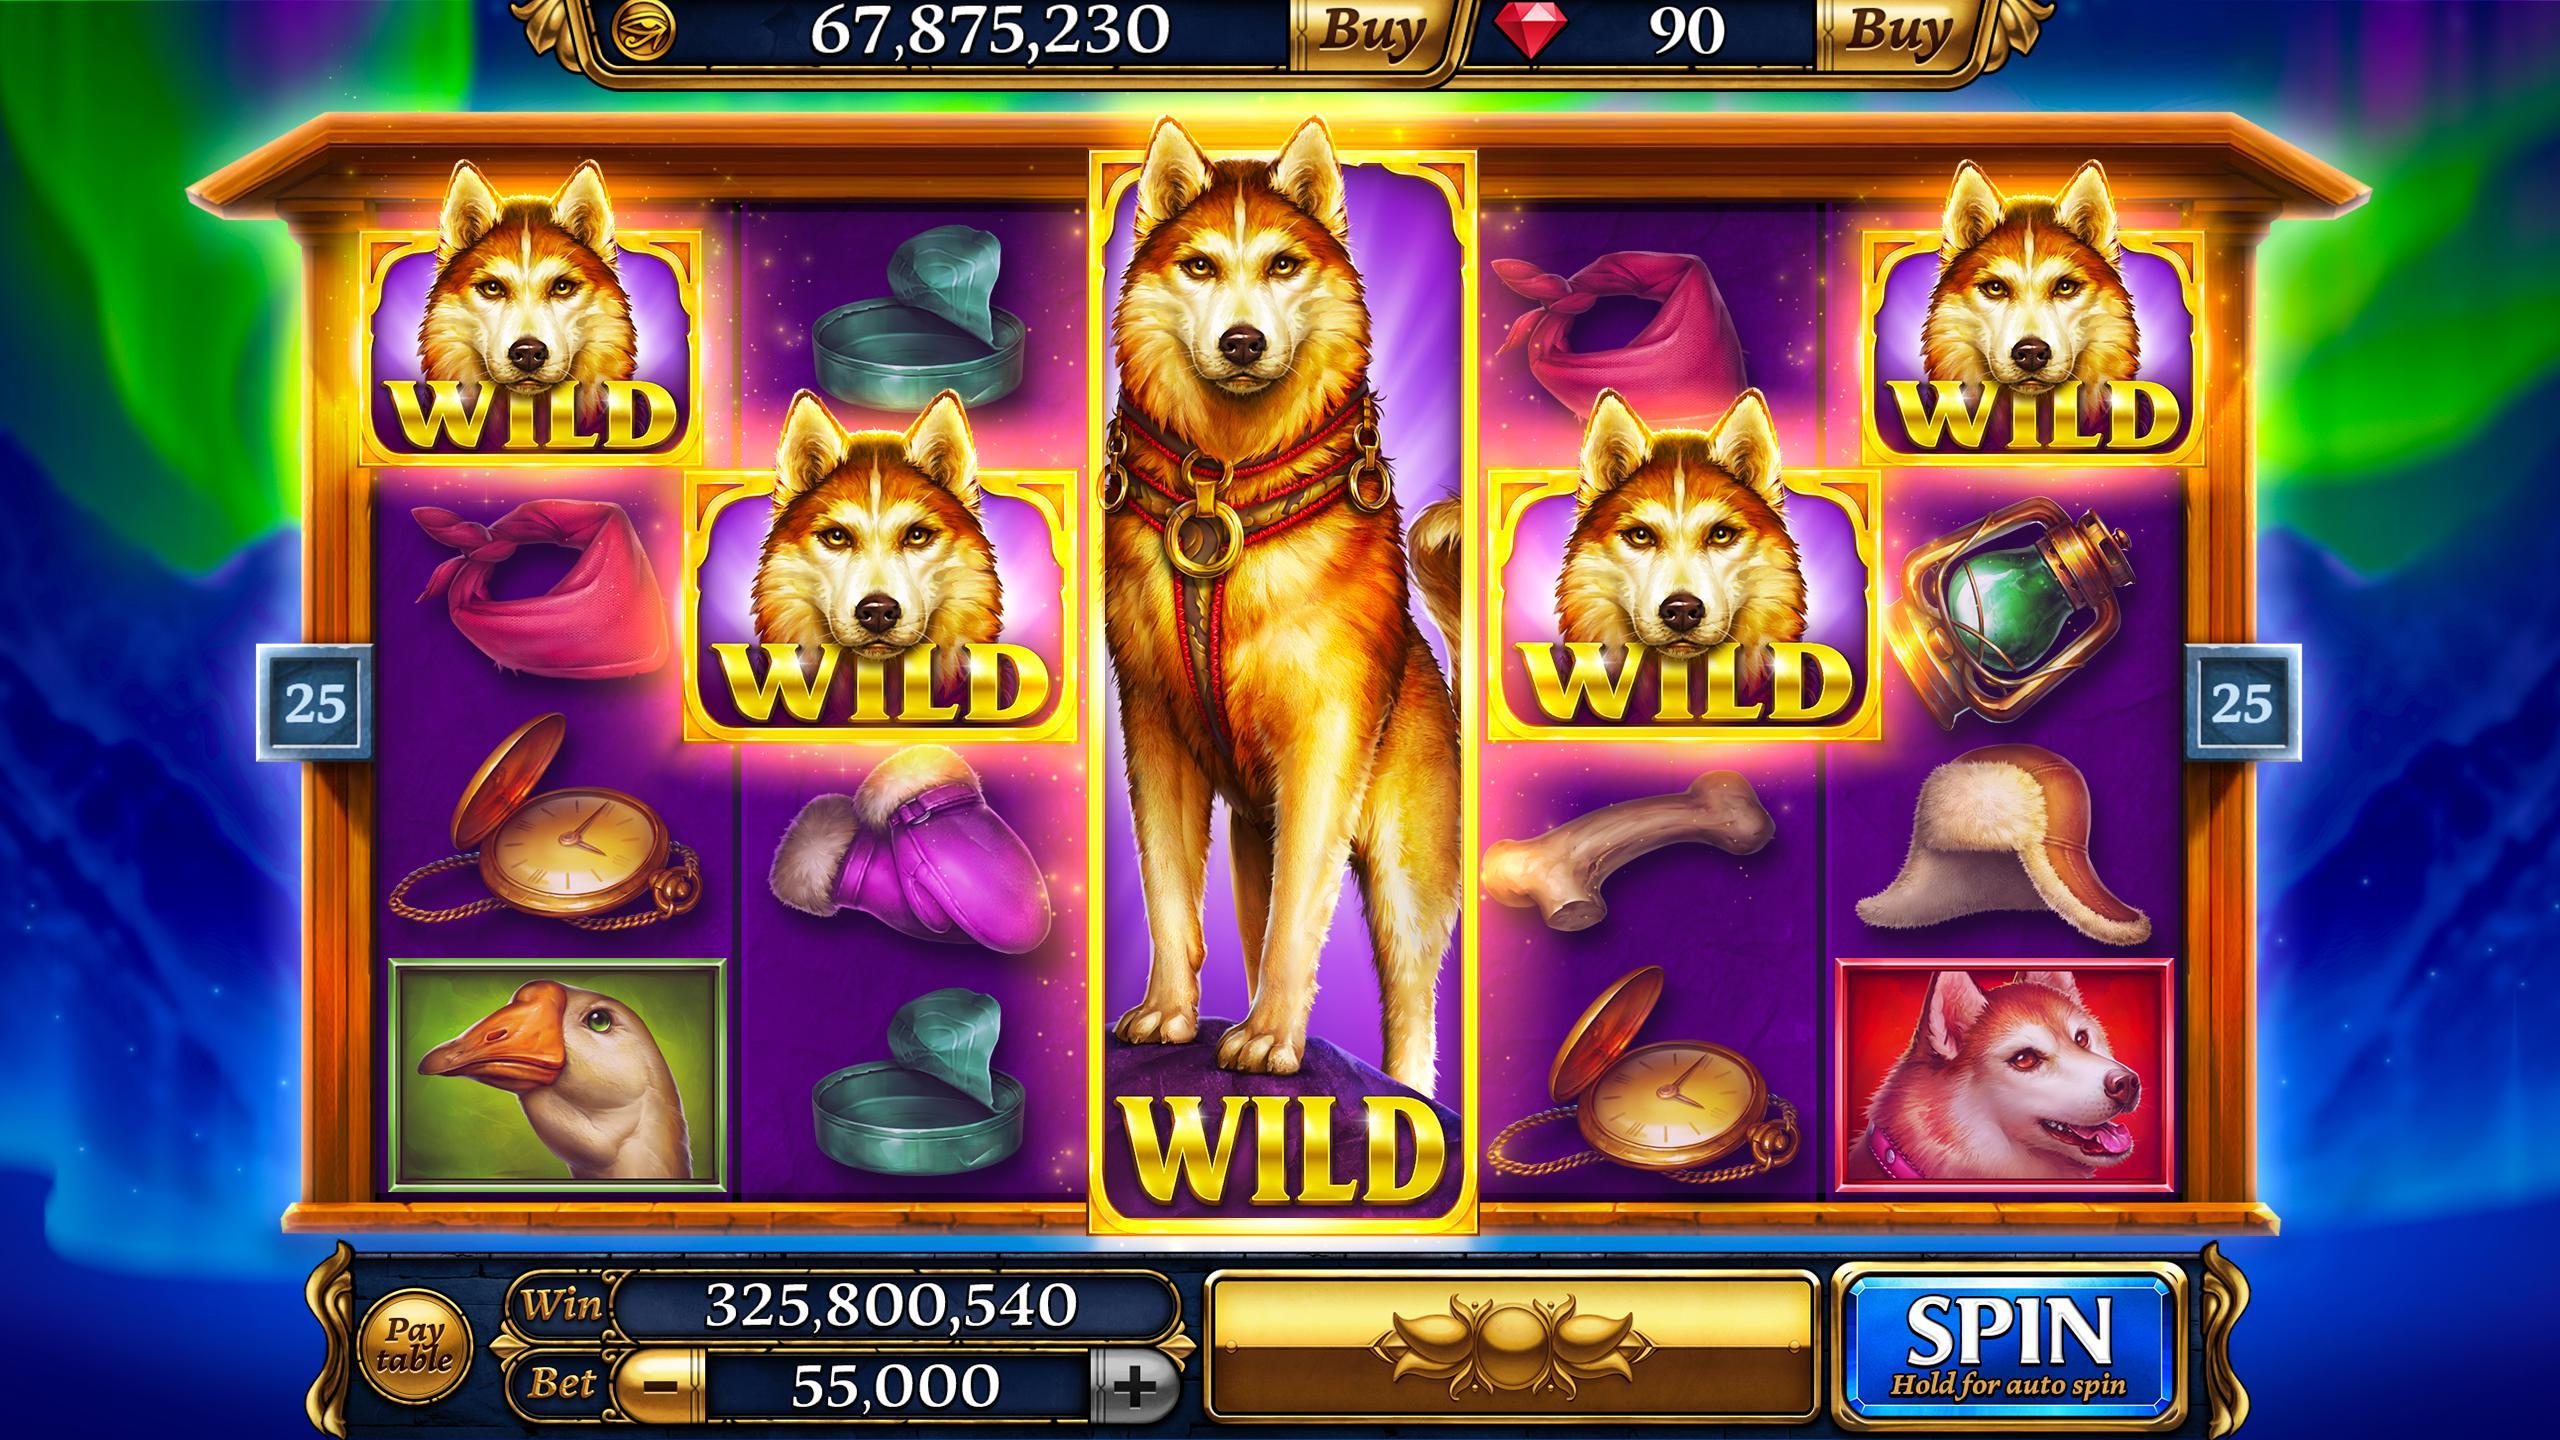 Скачать игровые автоматы на n-8 00 игры пасьянсы играть бесплатно без регистрации карты